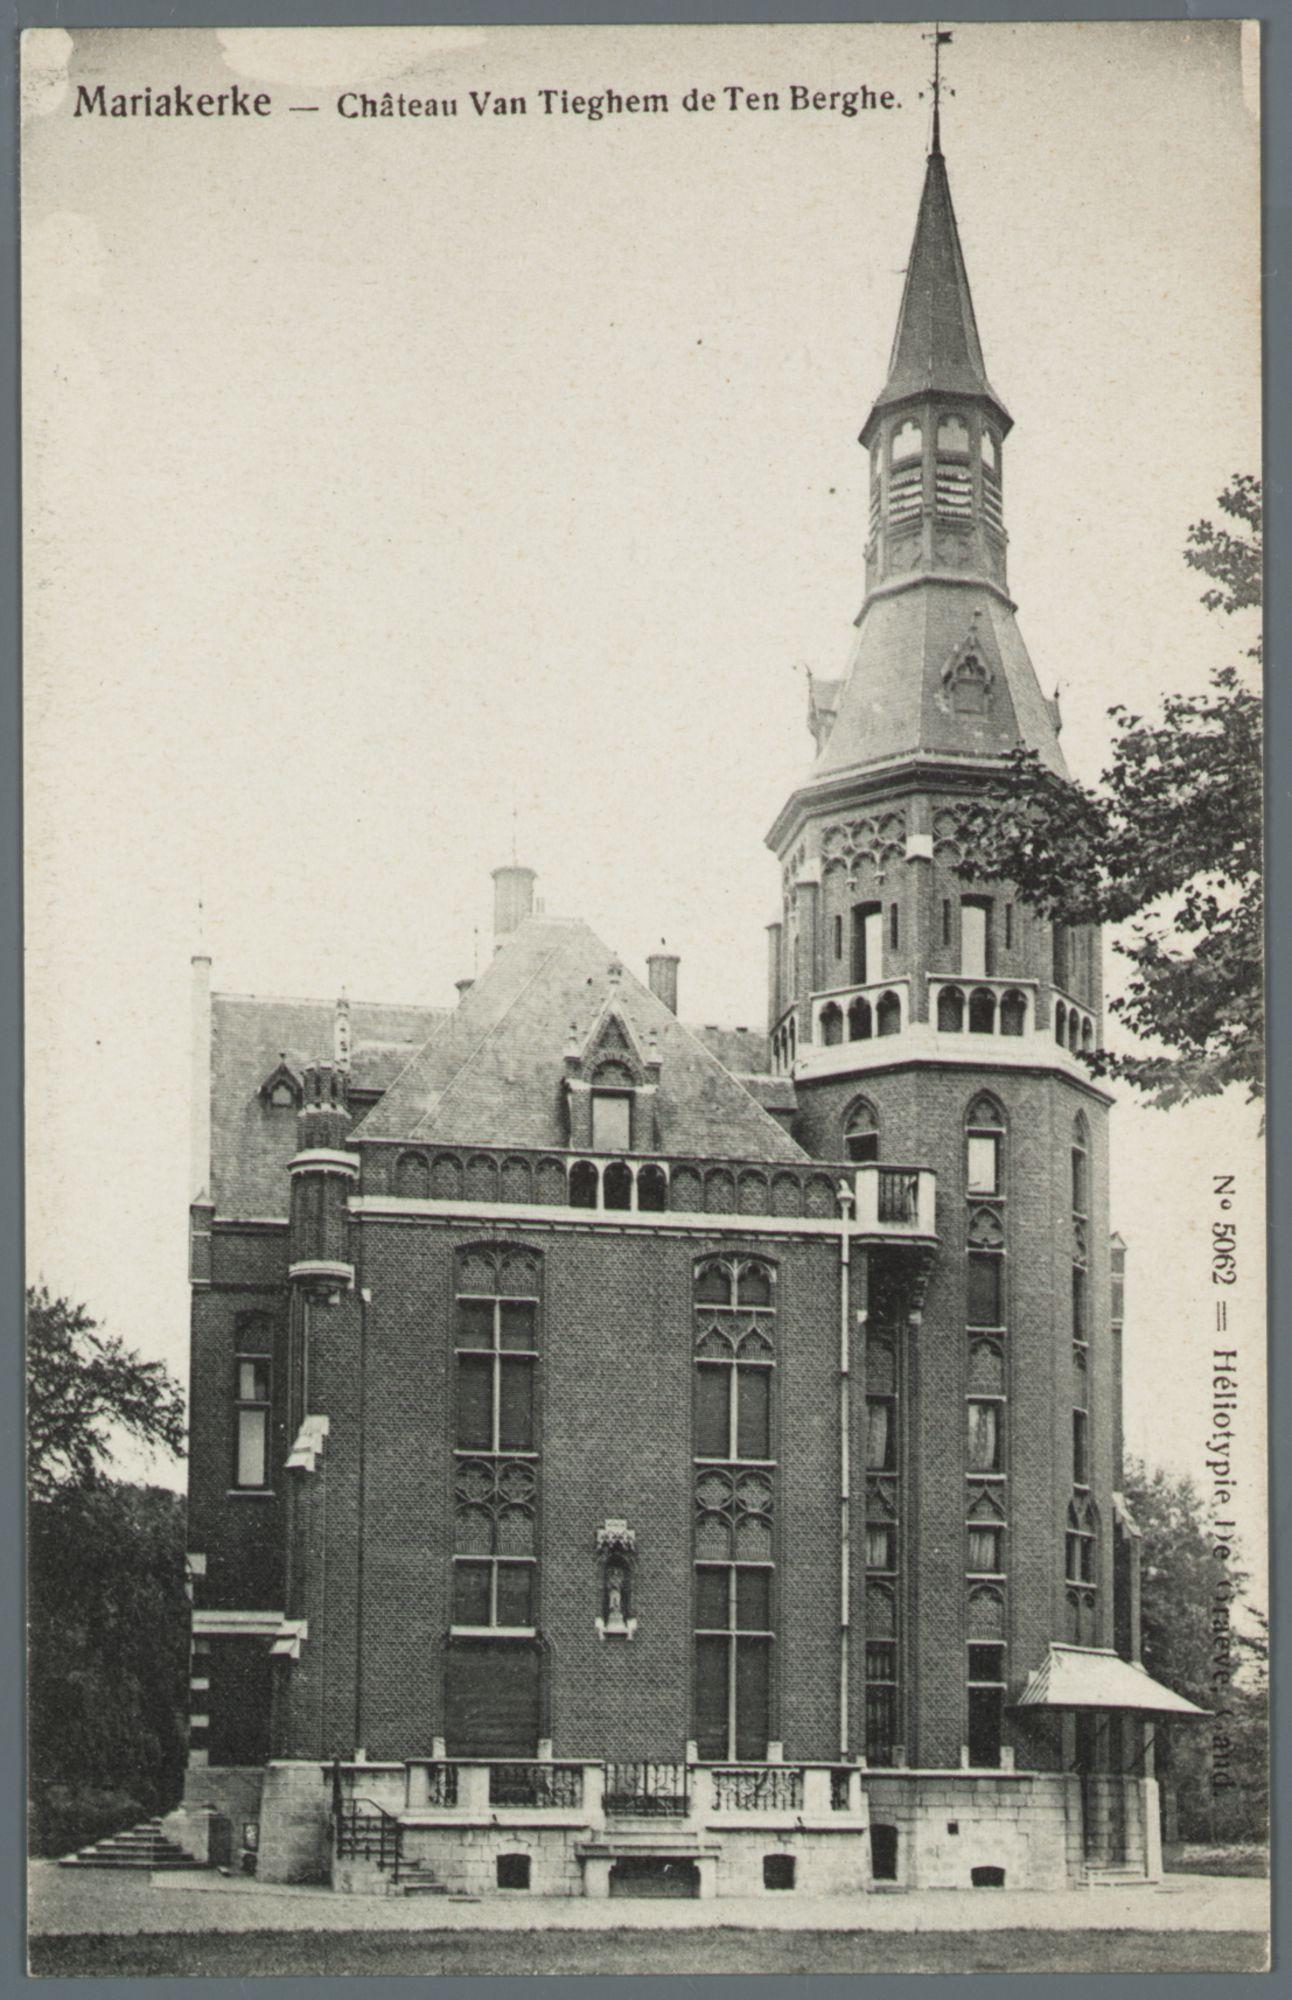 Mariakerke (bij Gent): kasteel Van Tieghem de Ten Berghe